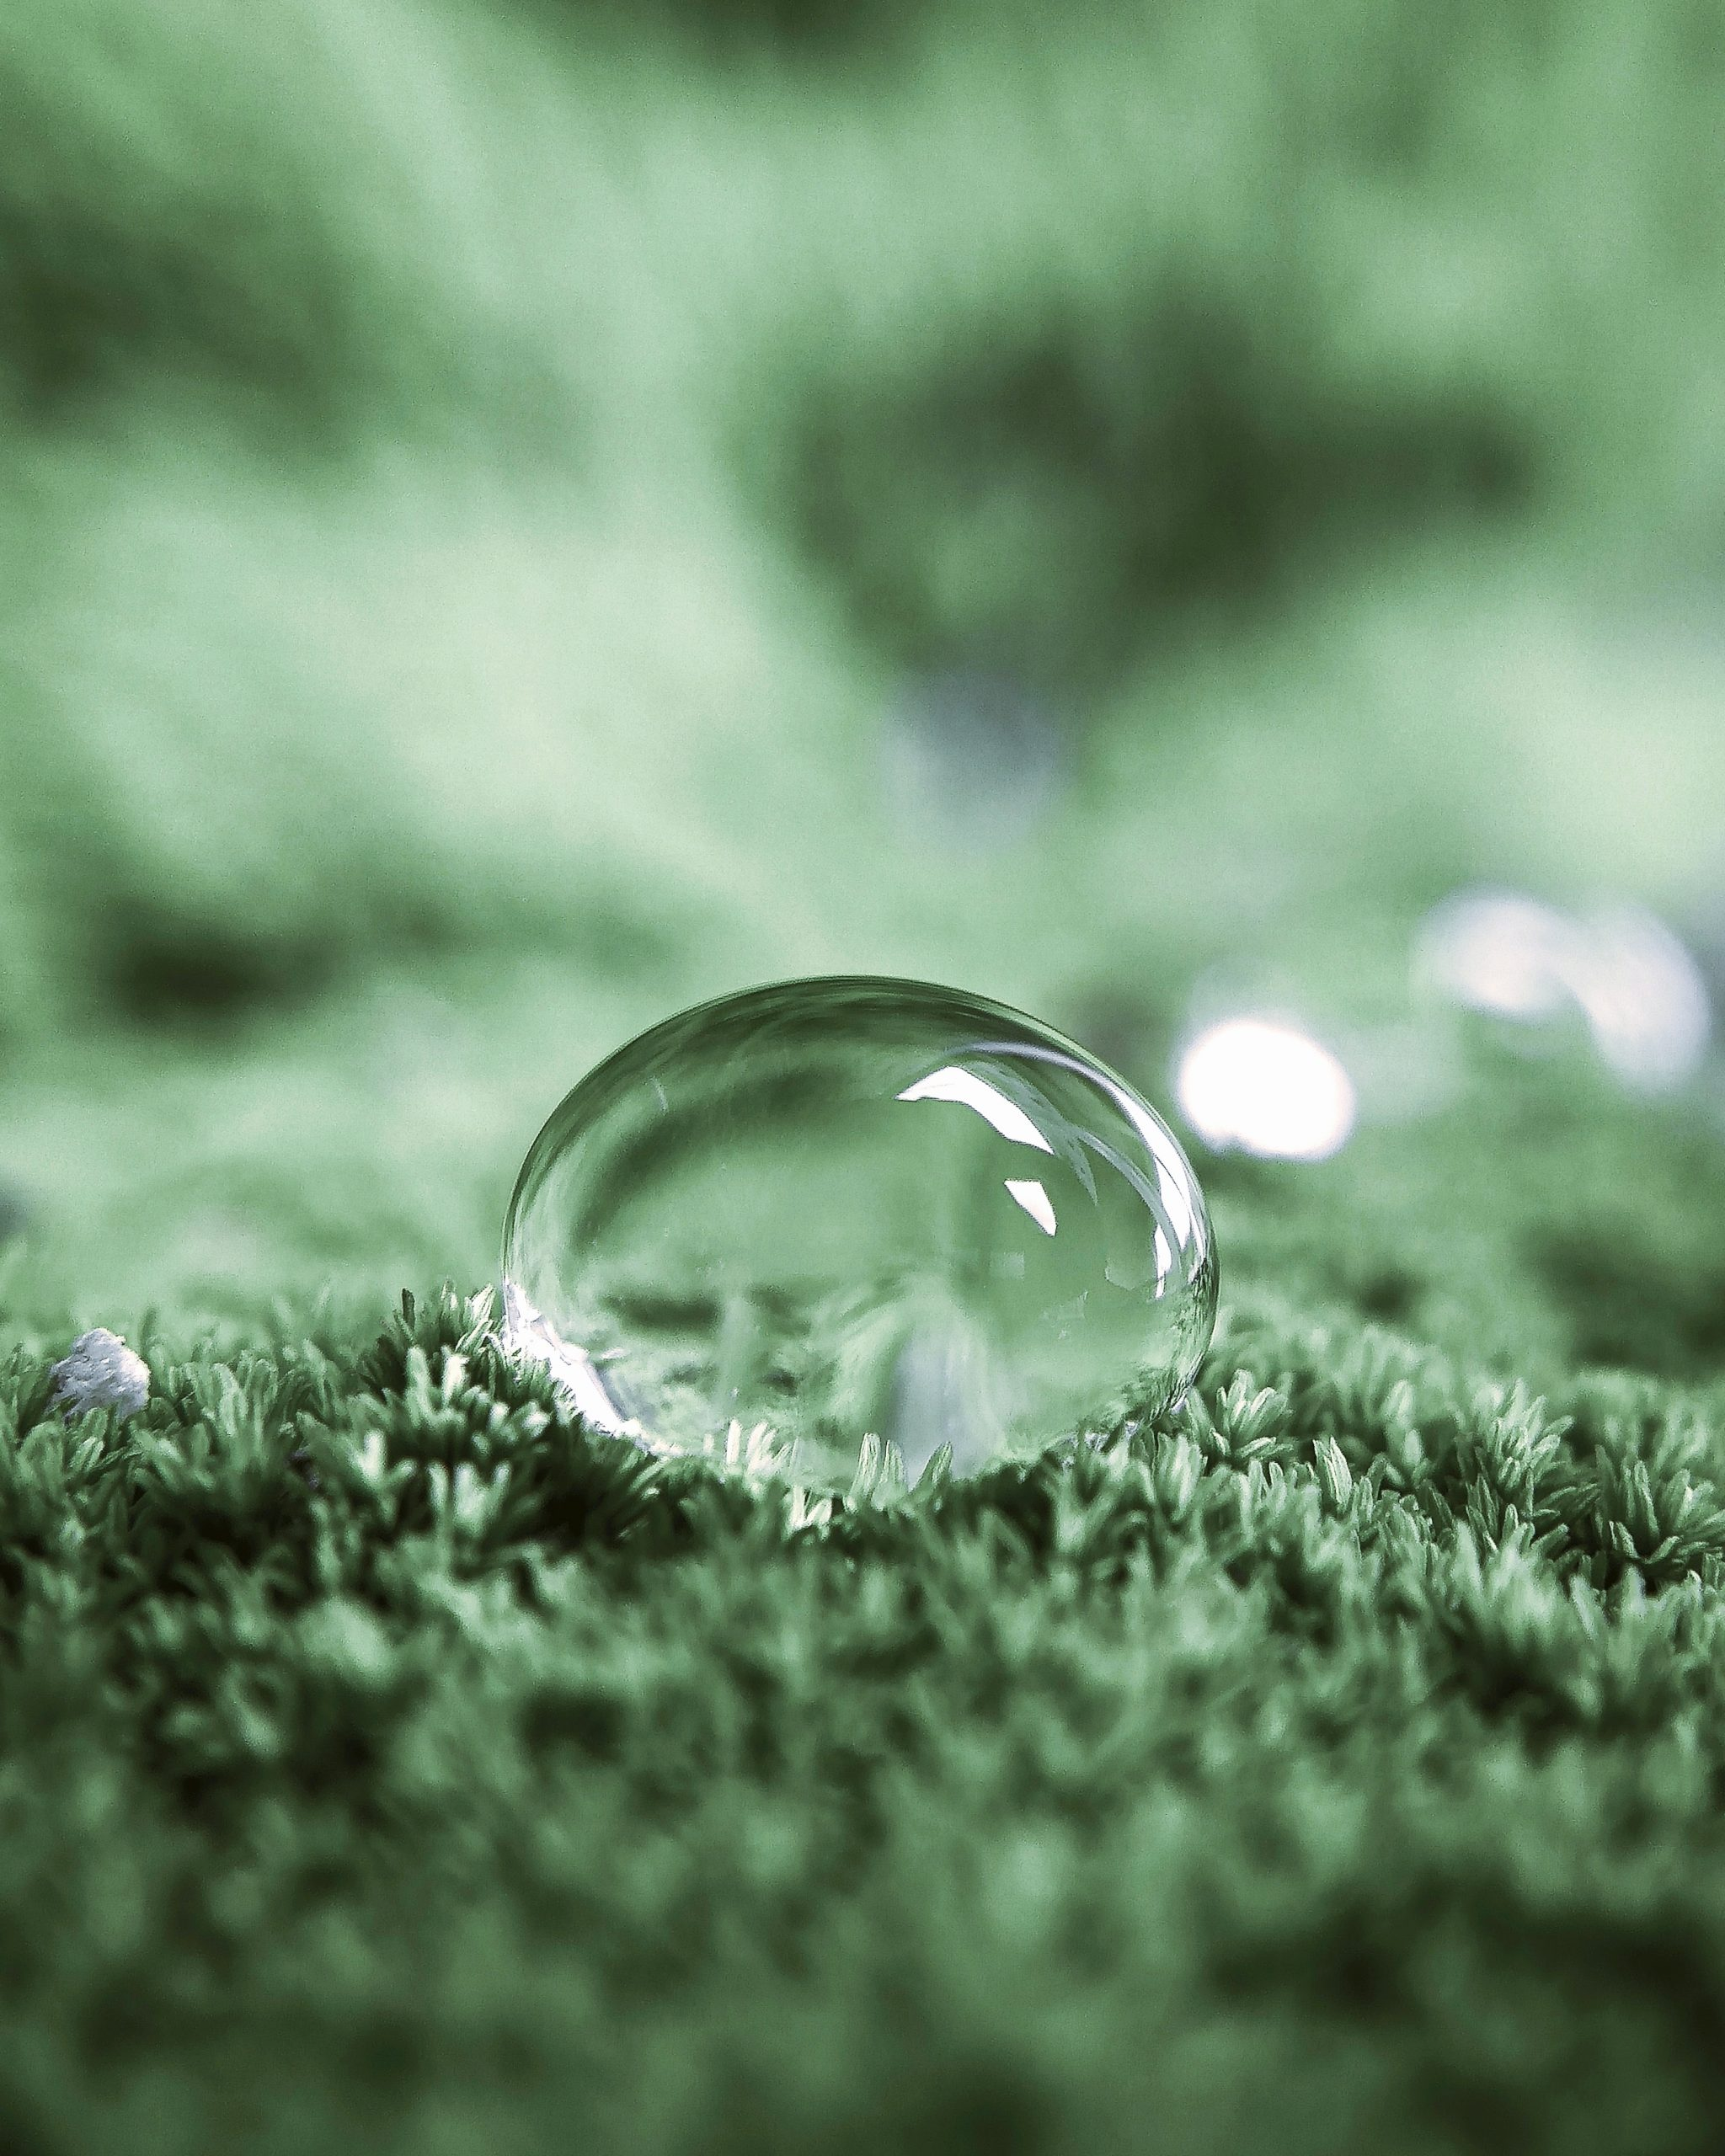 waterdrop on grass